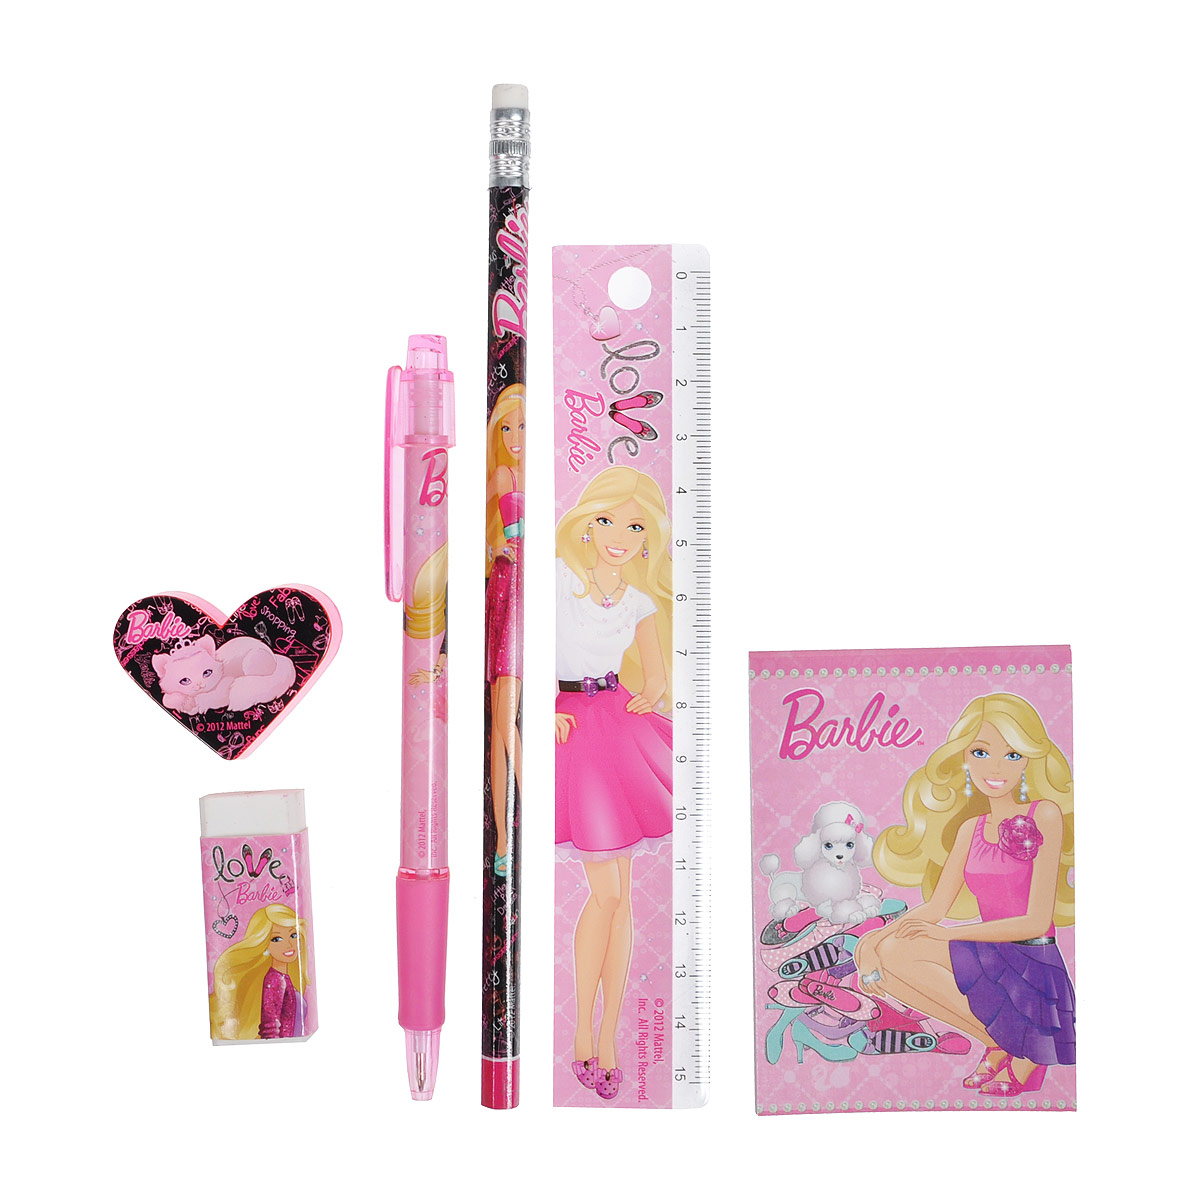 Канцелярский набор Barbie, 7 предметов72523WDКанцелярский набор Barbie станет незаменимым атрибутом в учебе любой школьницы.Он включает в себя пластиковый пенал, чернографитный карандаш с ластиком, автоматическую ручку, ластик, точилку, пластиковую линейку 15 см и небольшой блокнотик. Пенал снабжен поднимающейся подставкой для пишущих принадлежностей. Он раскрывается в центре, секции разворачиваются, и пенал можно использовать в качестве стакана для канцелярских принадлежностей.Ручка снабжена прорезиненной вставкой в области захвата, подача стержня производится путем нажатия на кнопку в верхней части ручки. Блокнотик снабжен картонной обложкой, внутренний блок содержит листы с печатью. Все предметы набора оформлены изображениями Барби.